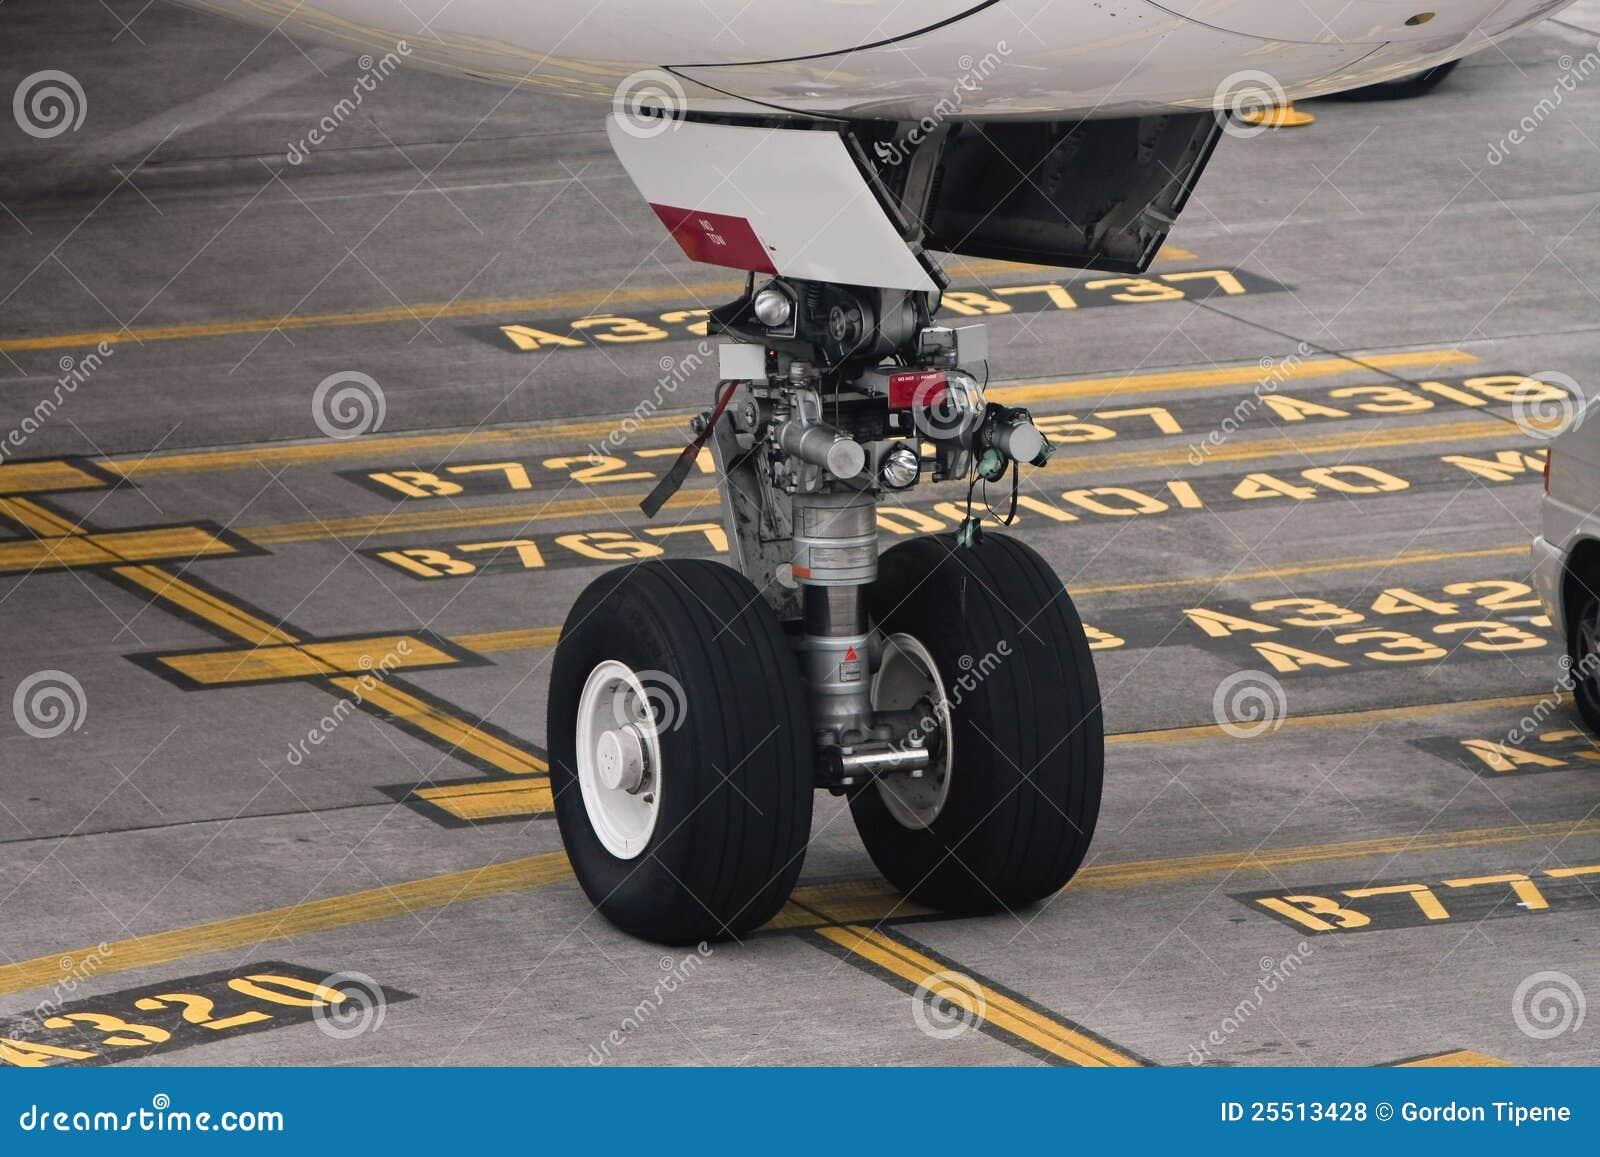 Commercieel lijnvliegtuiglandingsgestel op tarmac